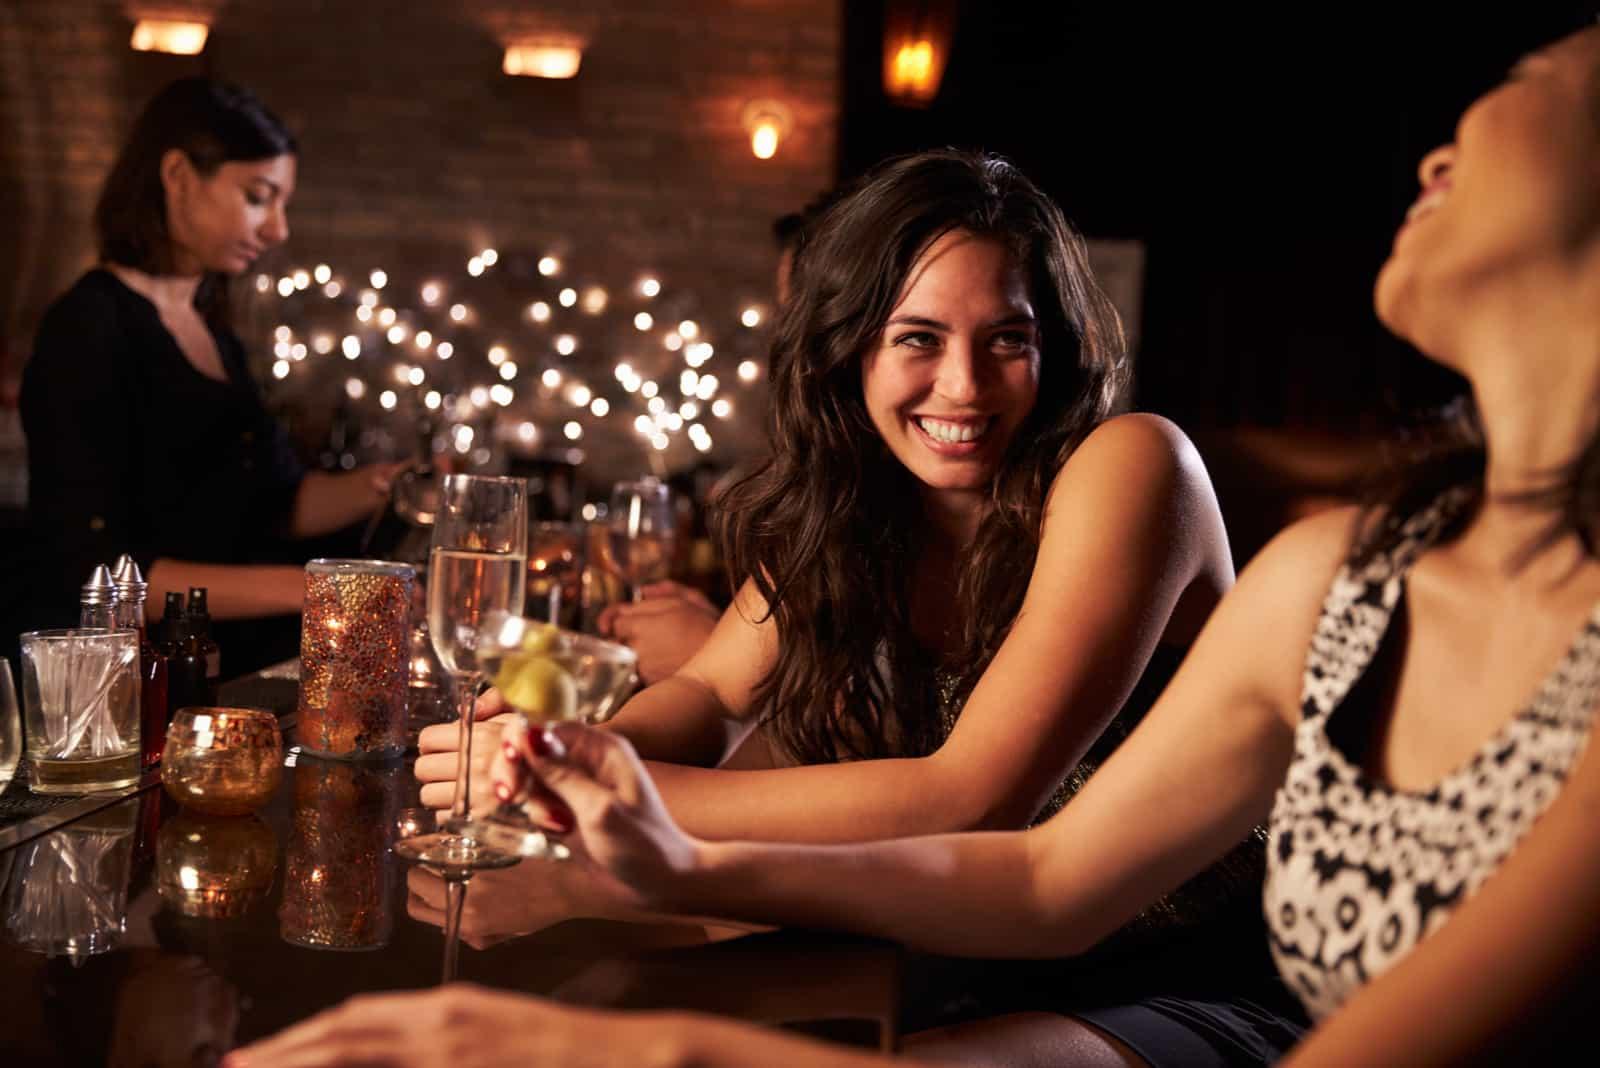 deux filles souriantes s'assoient derrière un traîneau et boivent